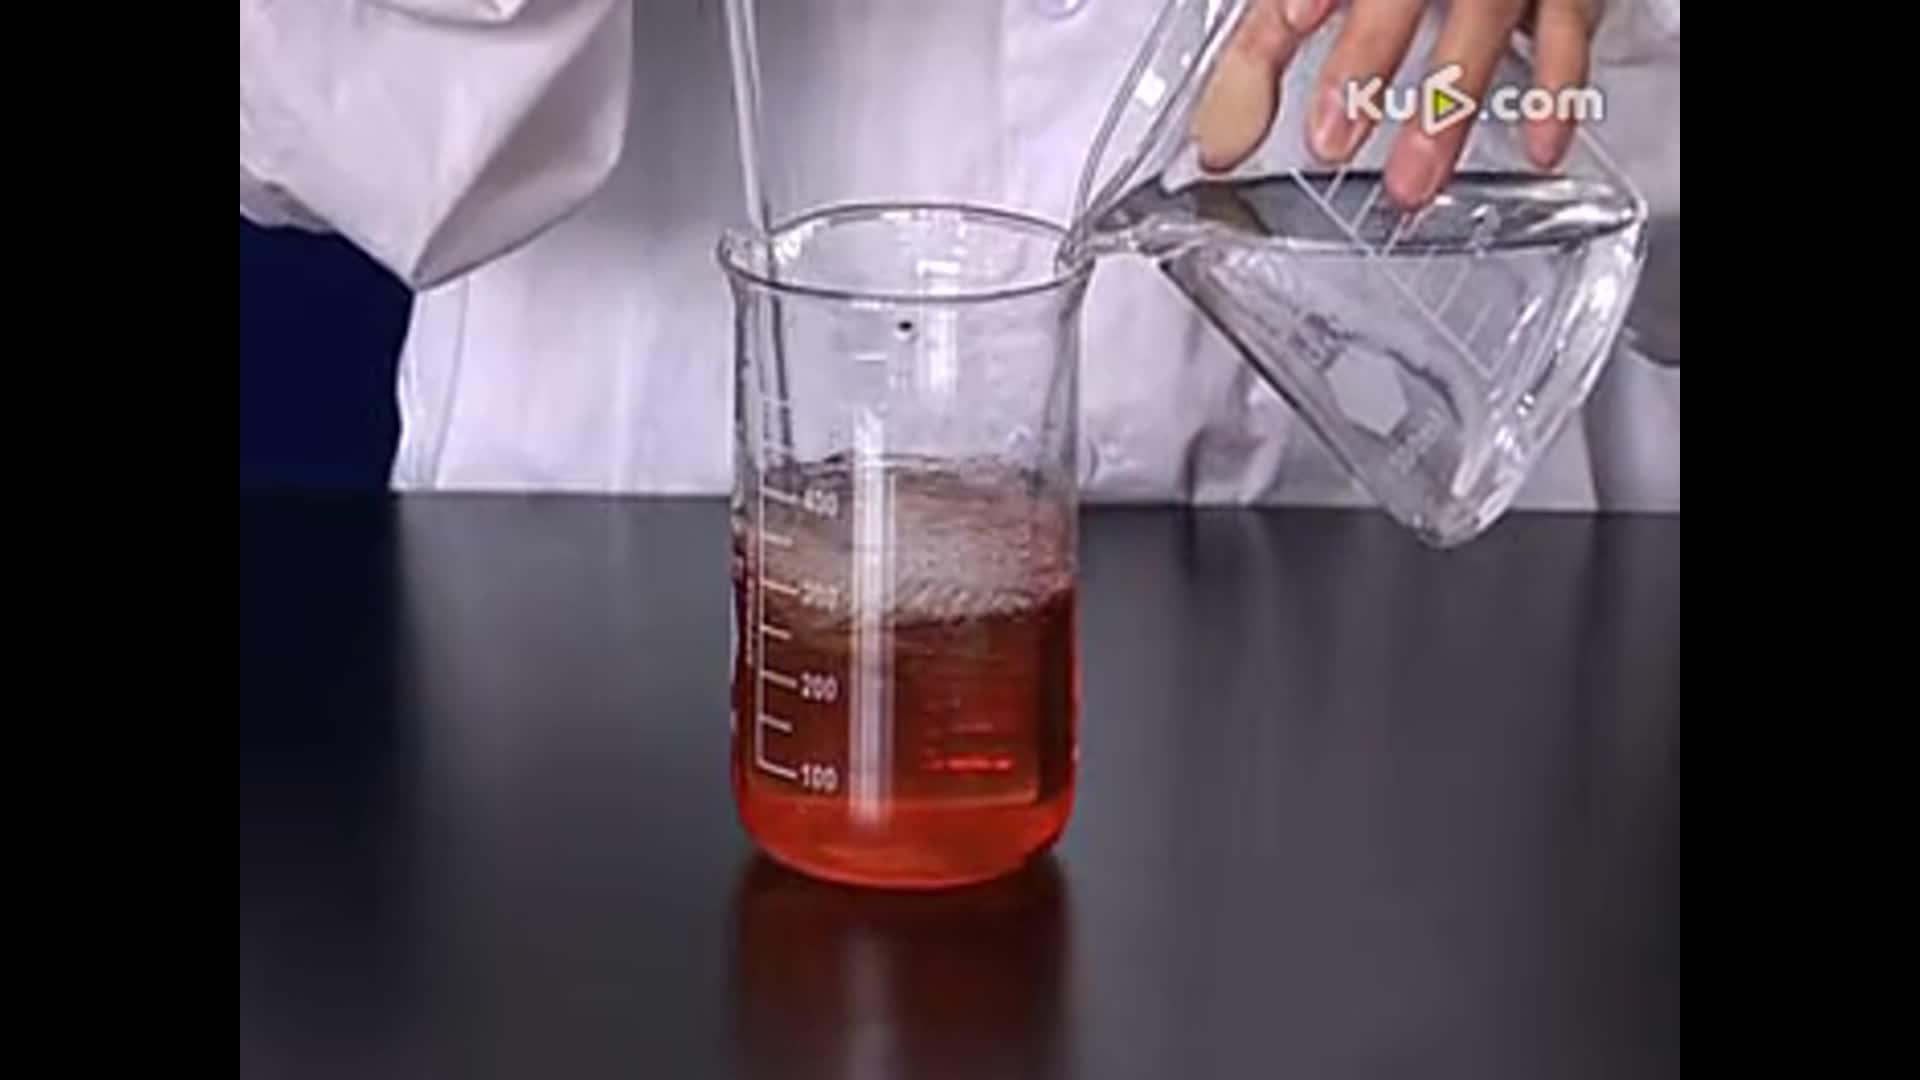 高二 生物 选修1 专题5 DNA和蛋白质技术 课题1 DNA的粗提取与鉴定